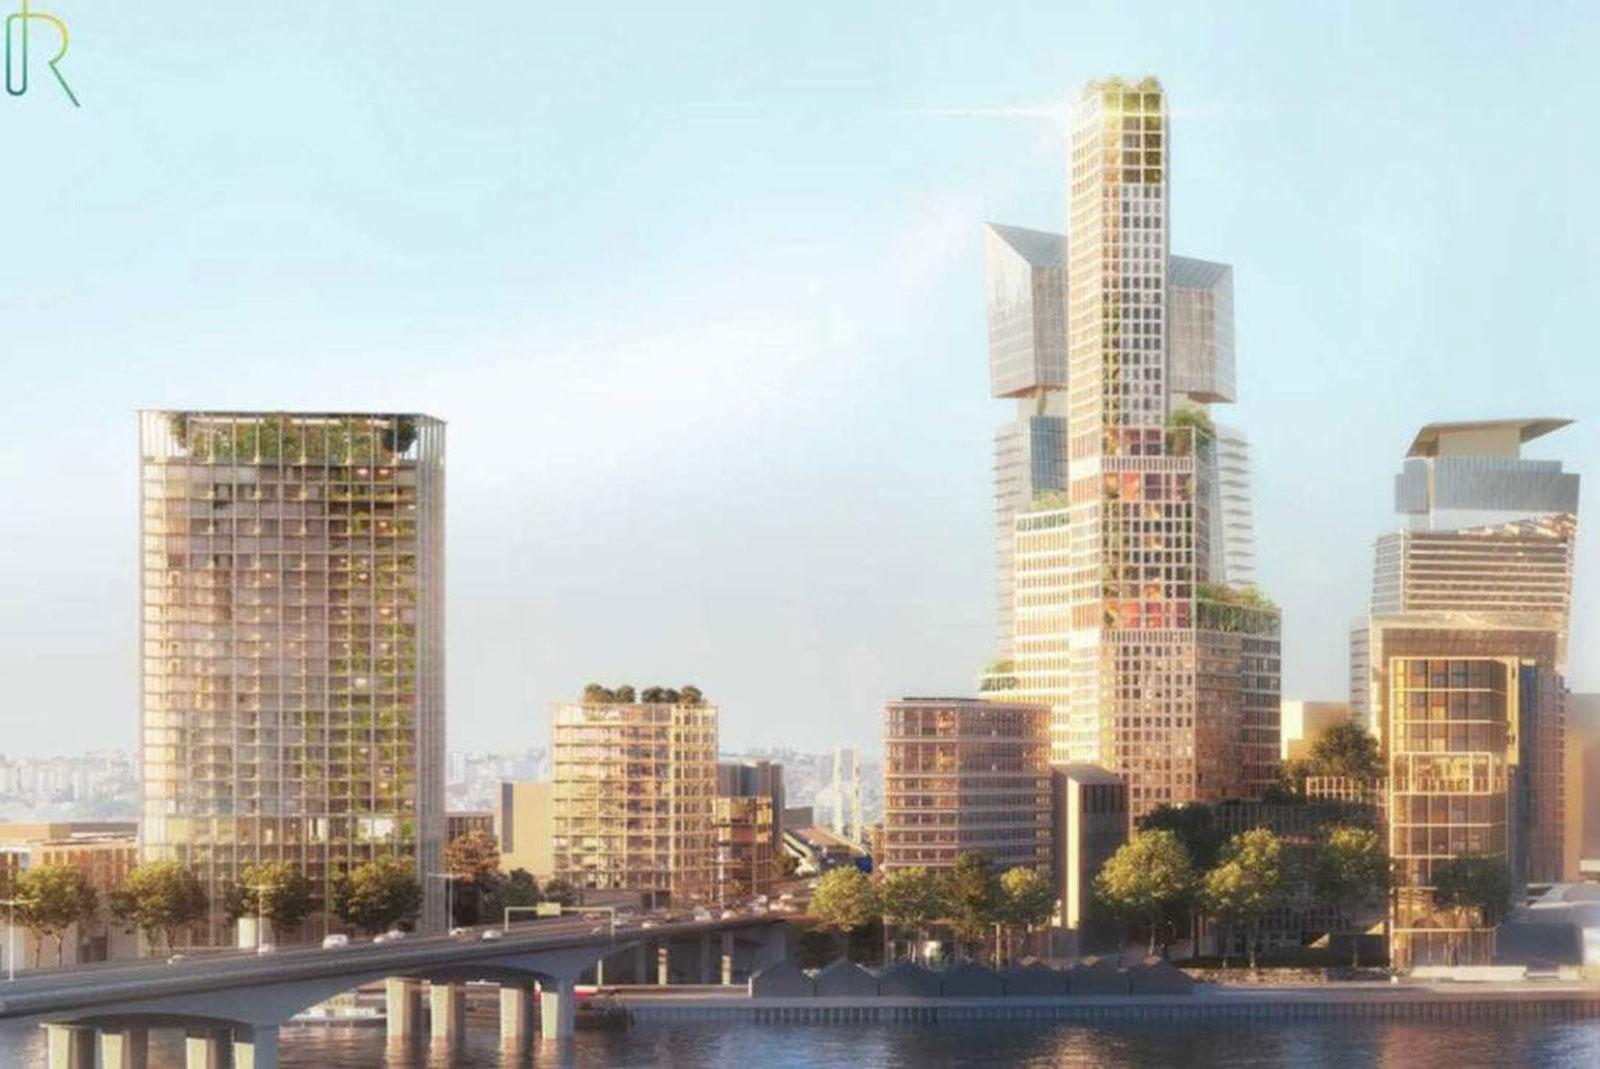 projet urbain inventer bruneseau laureat